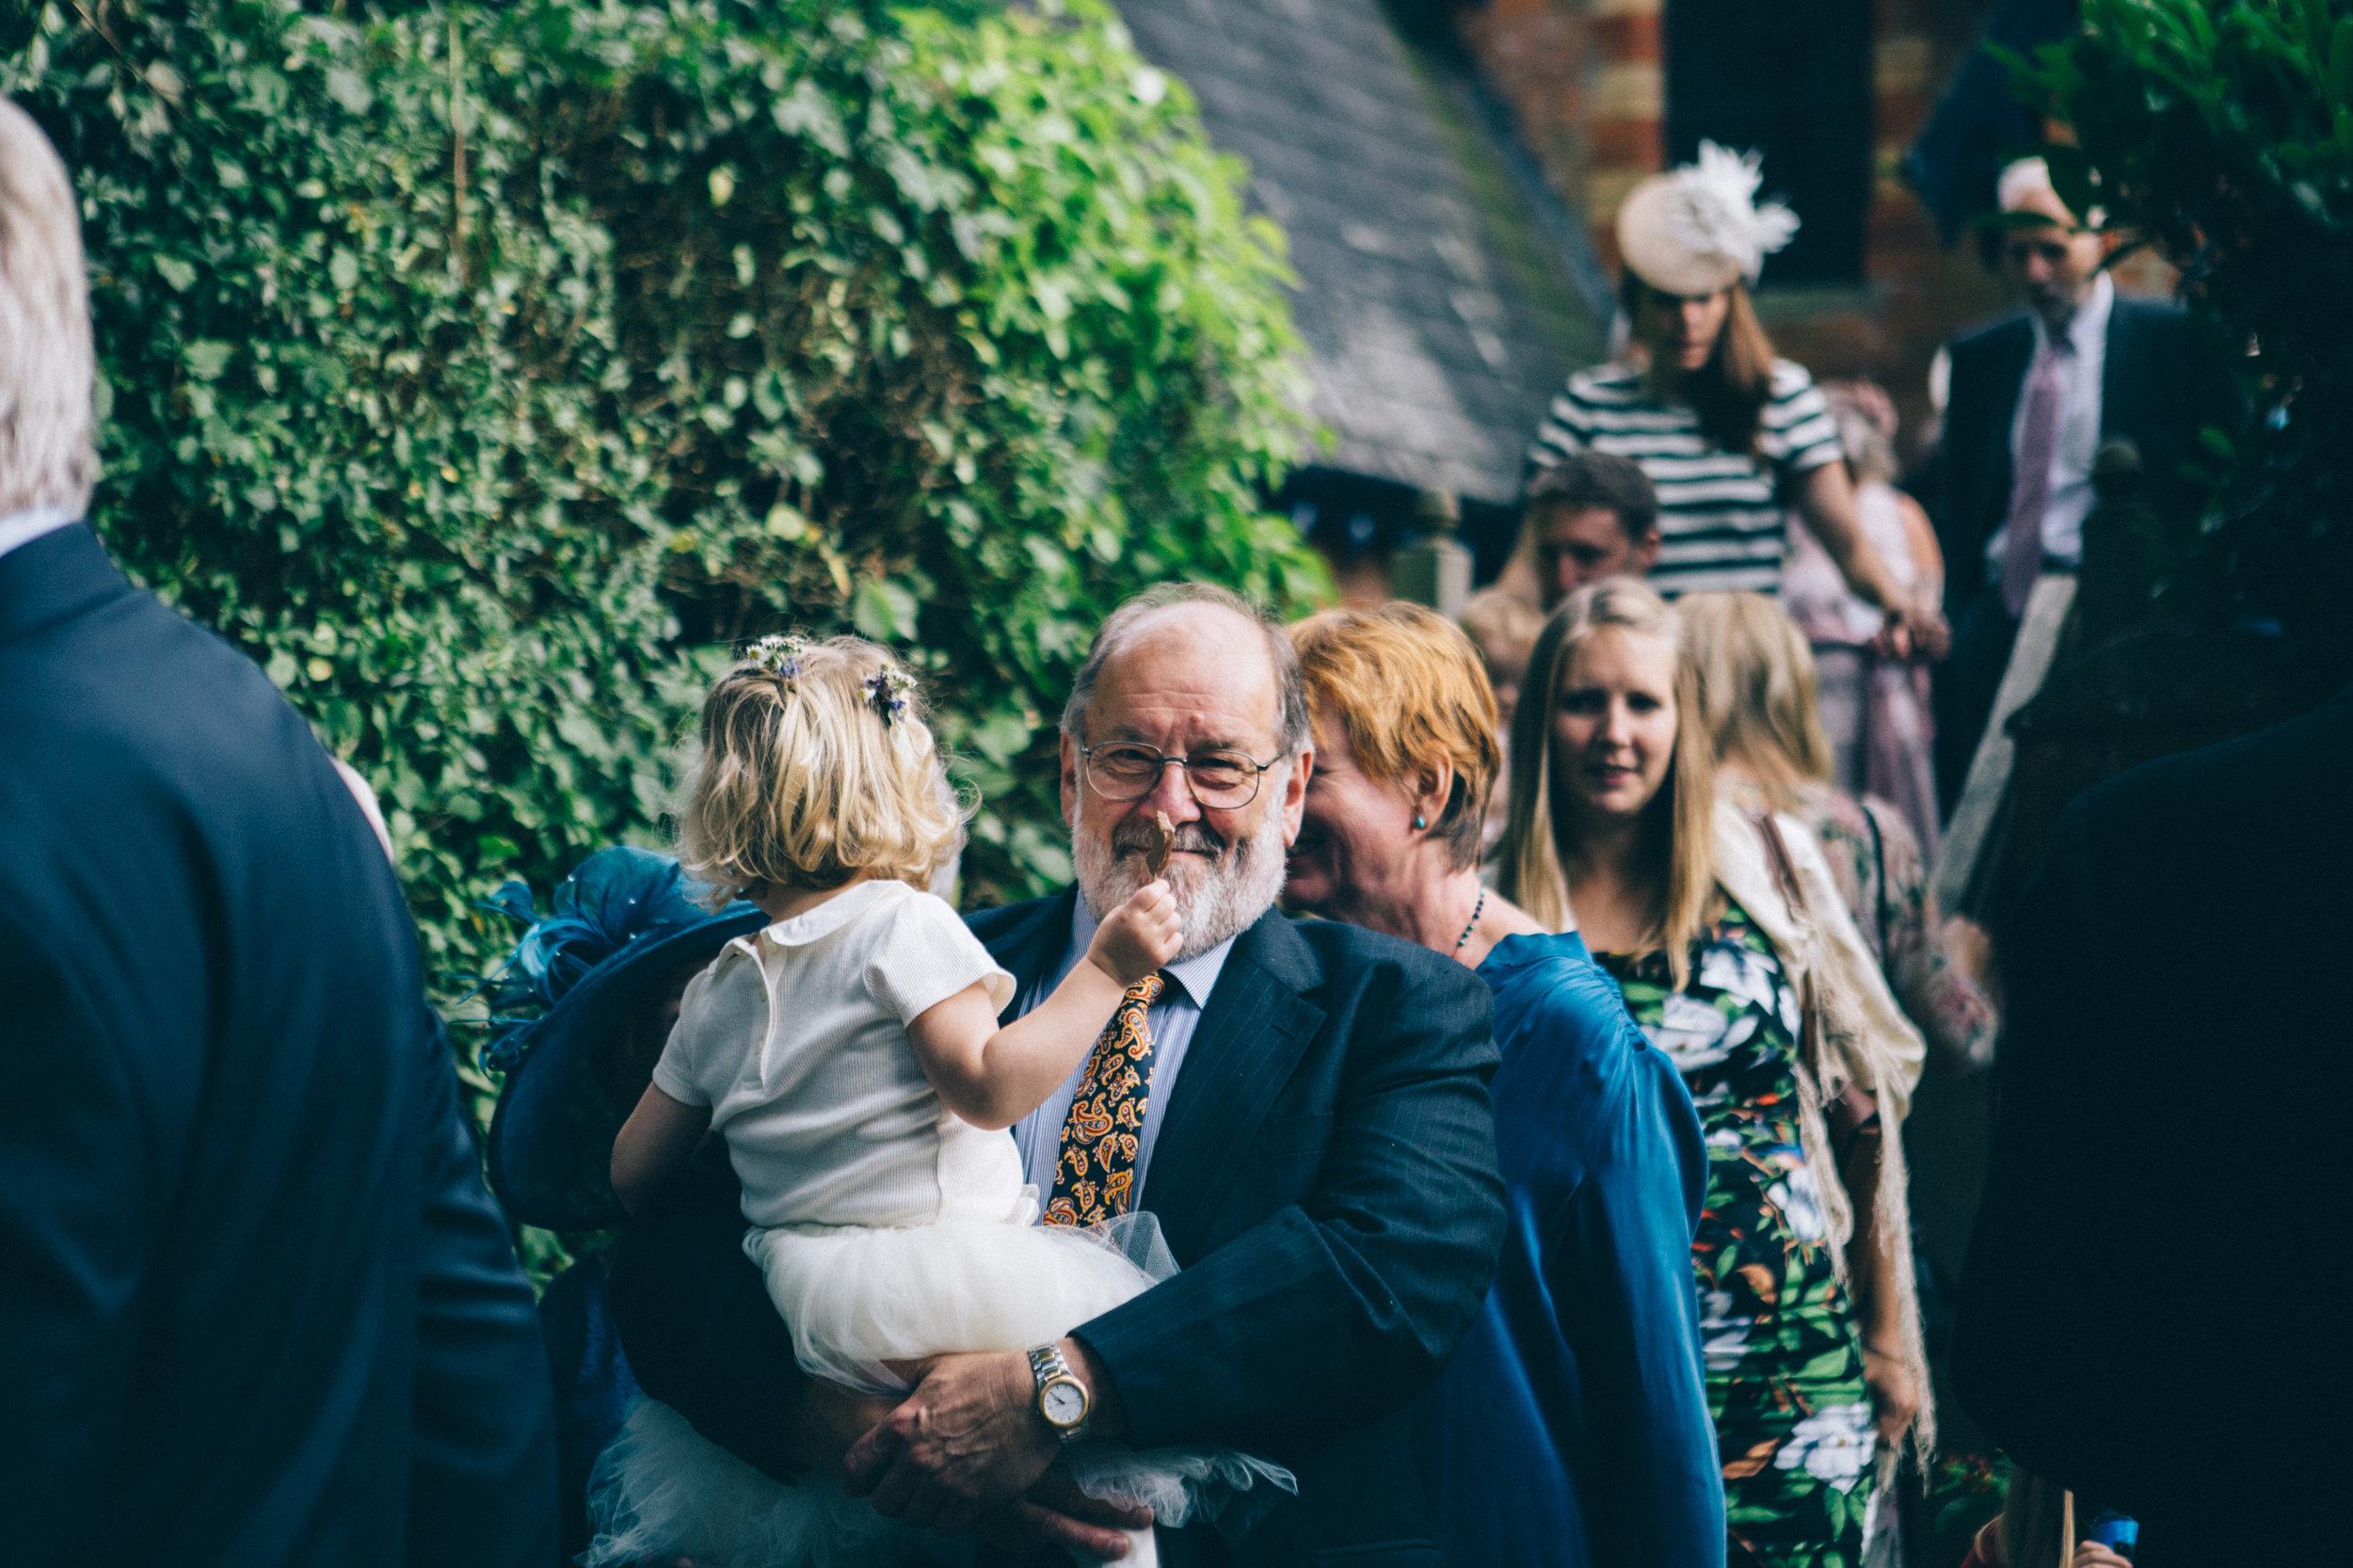 uk wedding photographer artistic wedding photography-83.jpg